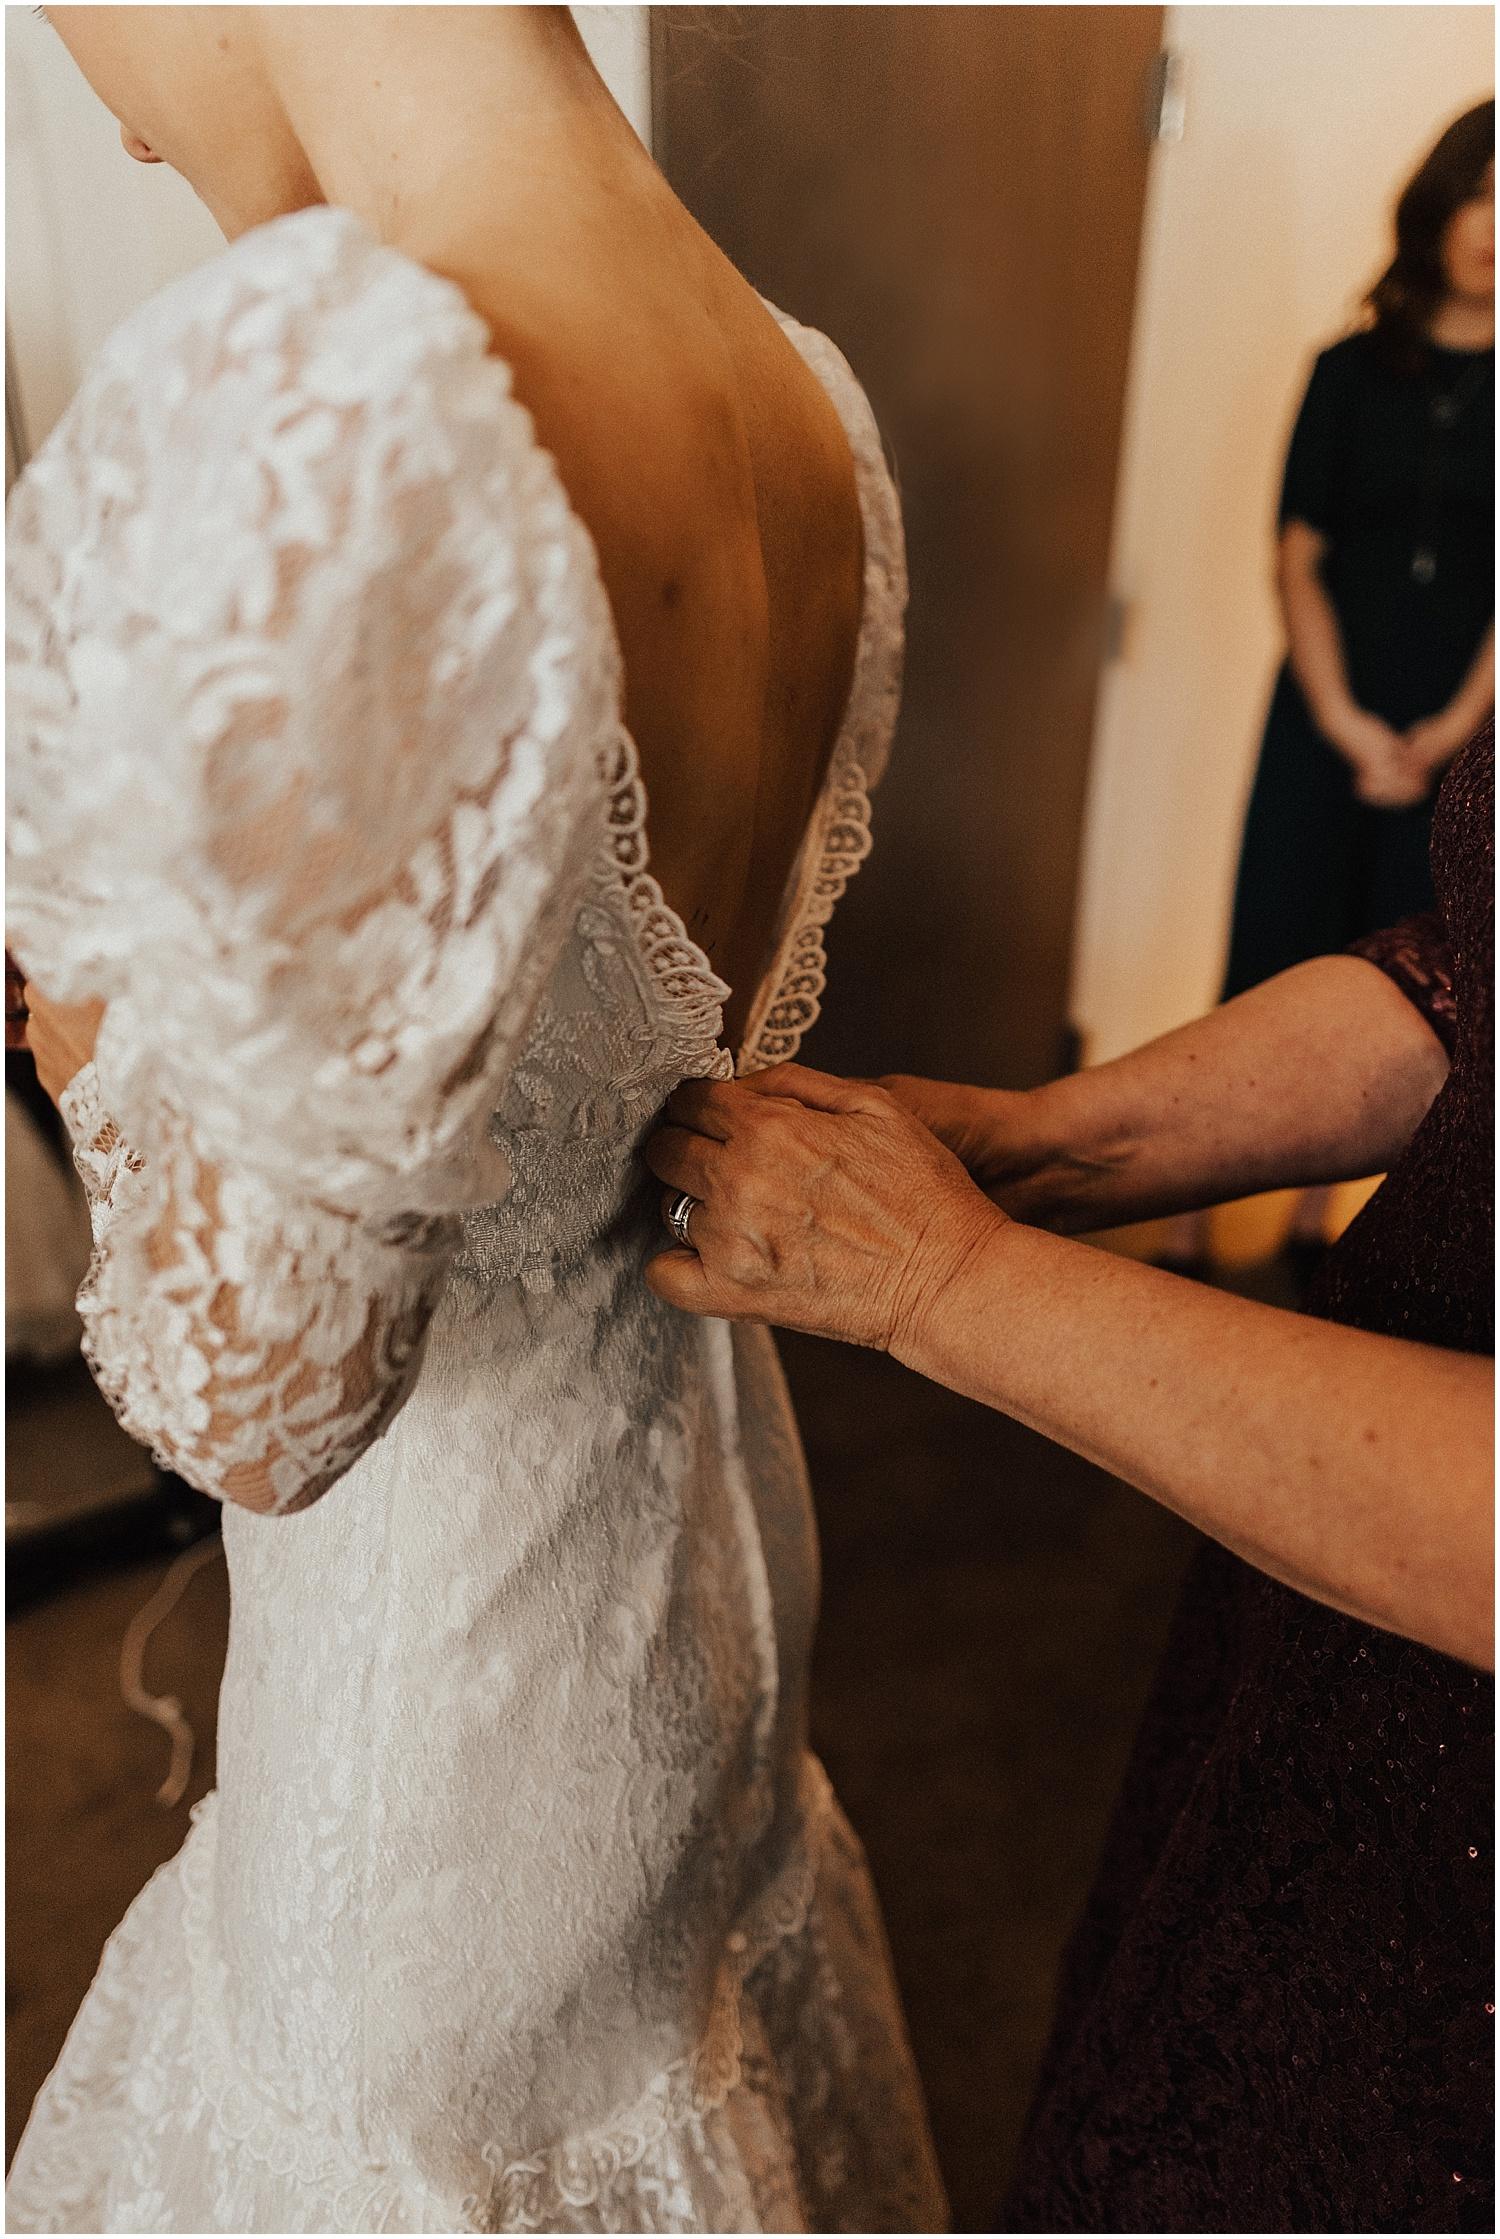 church-wedding-industrial-reception-sunvalley-idaho14.jpg